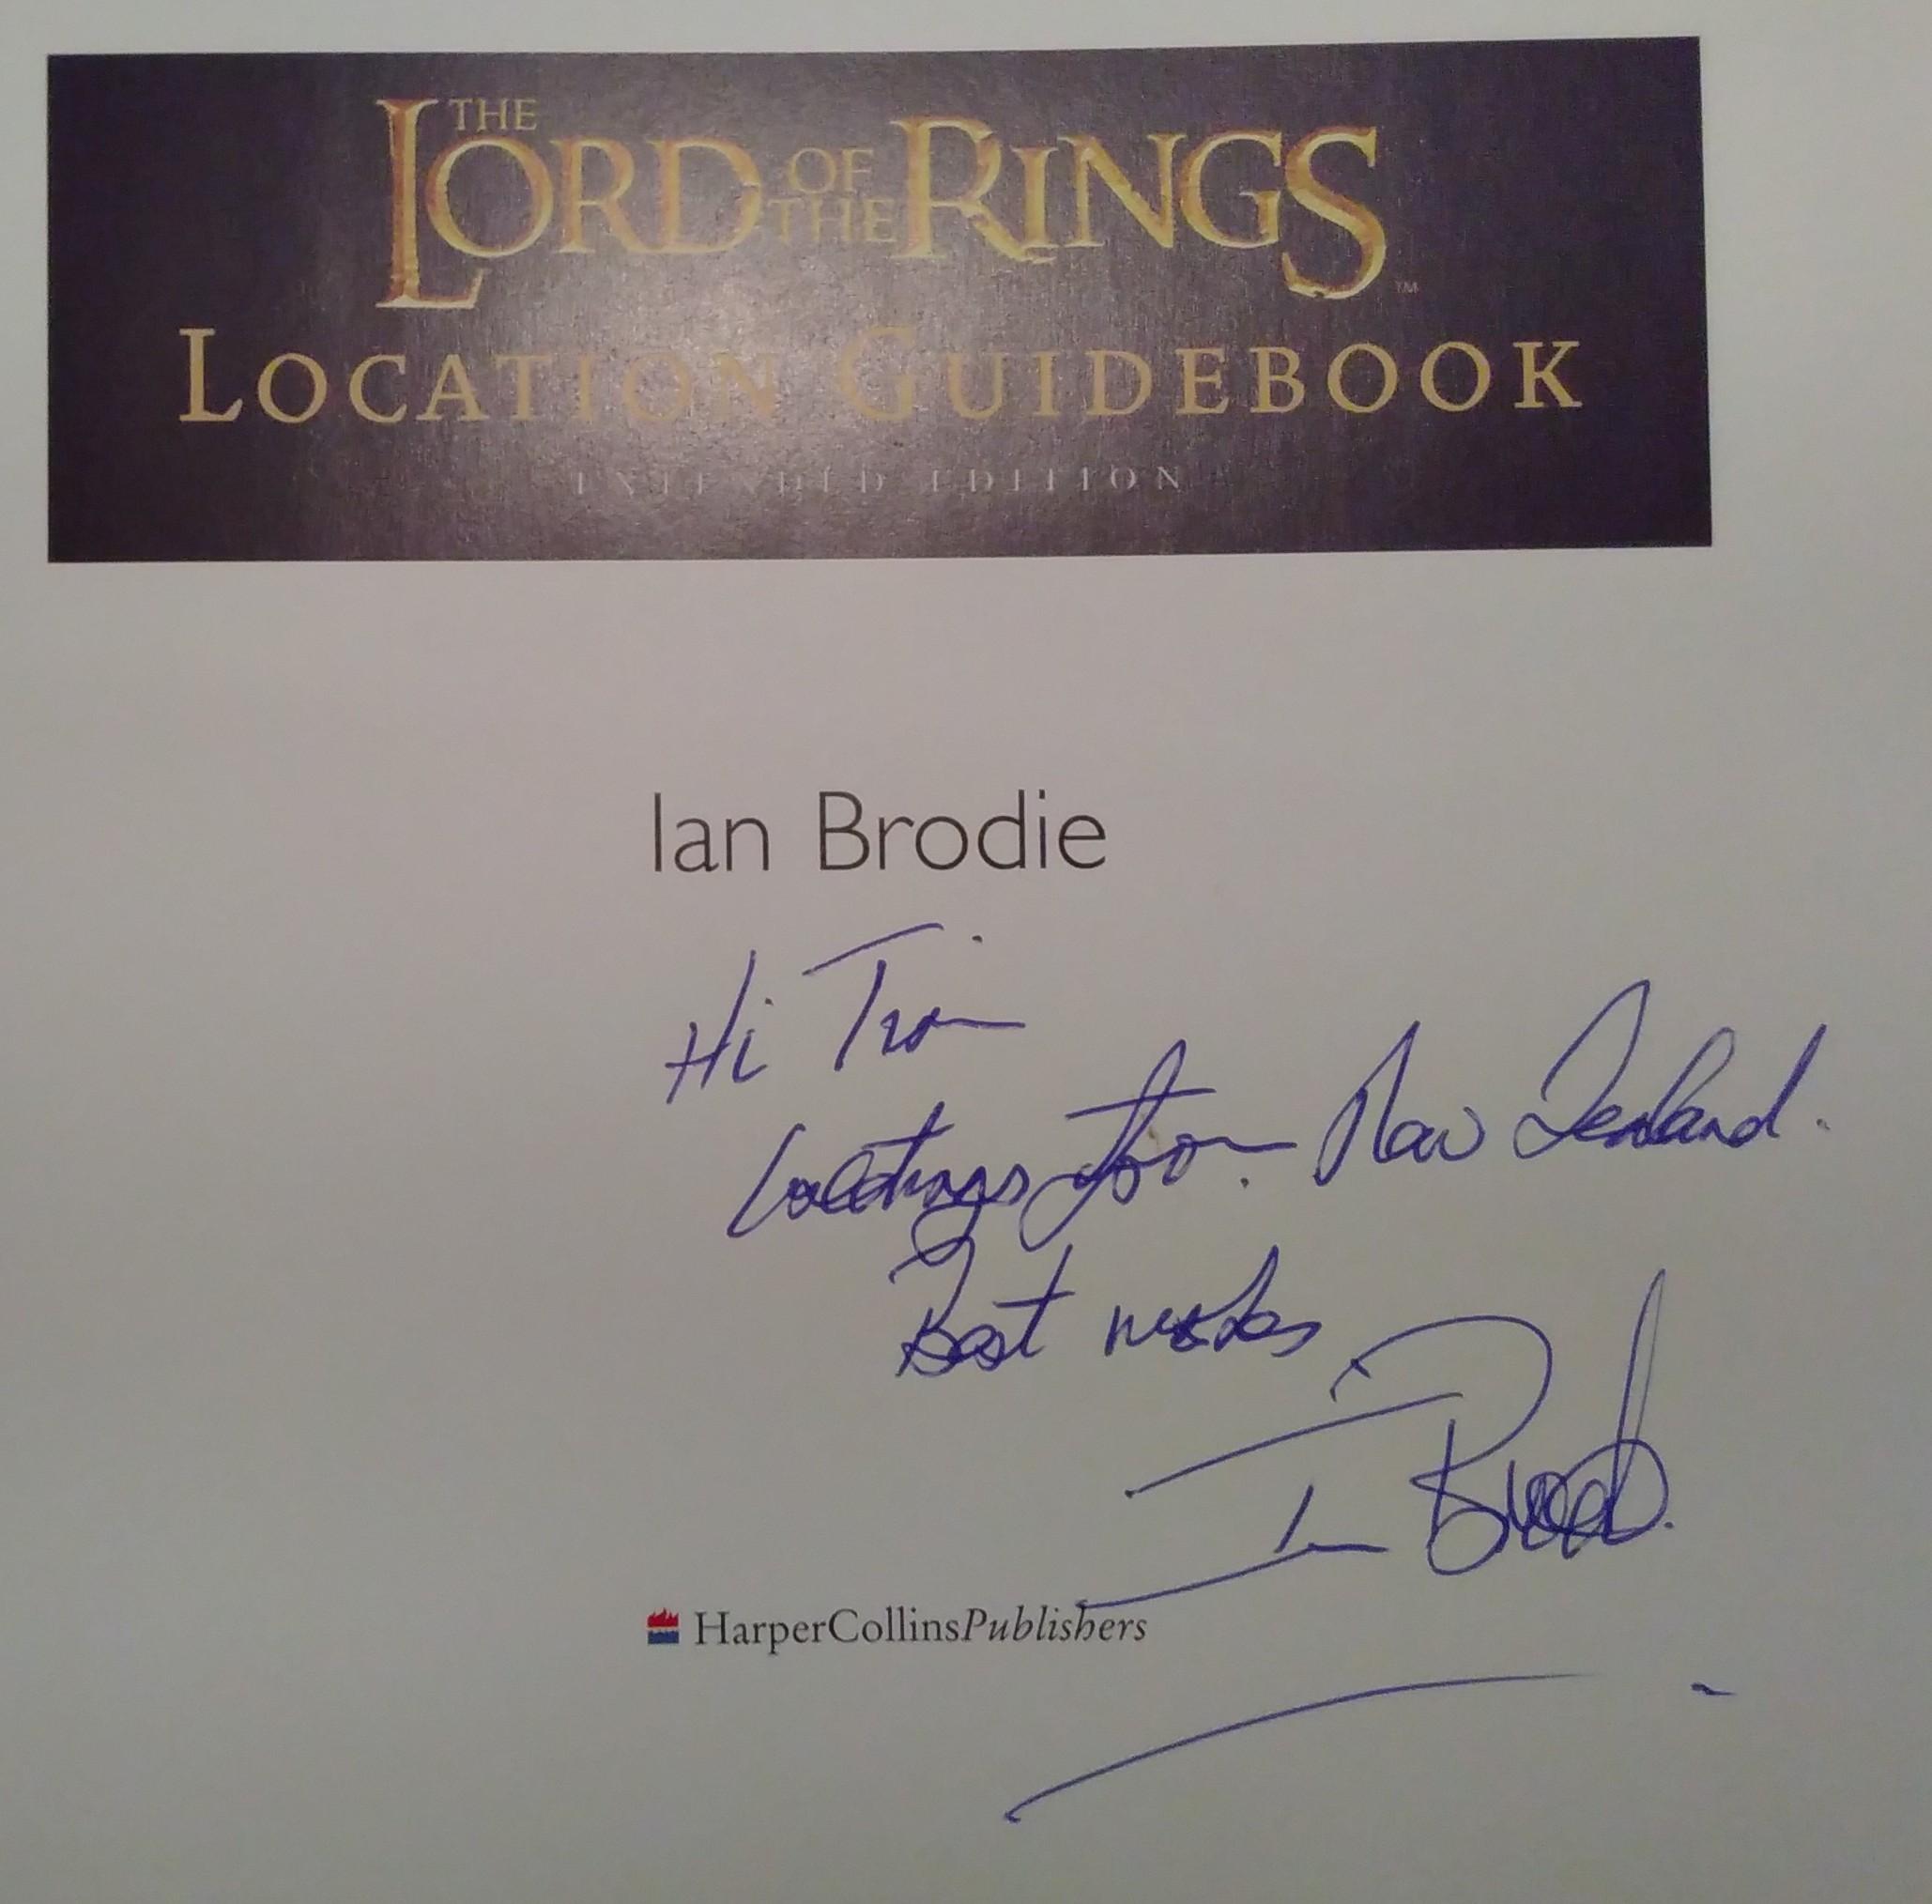 Ian Brodie